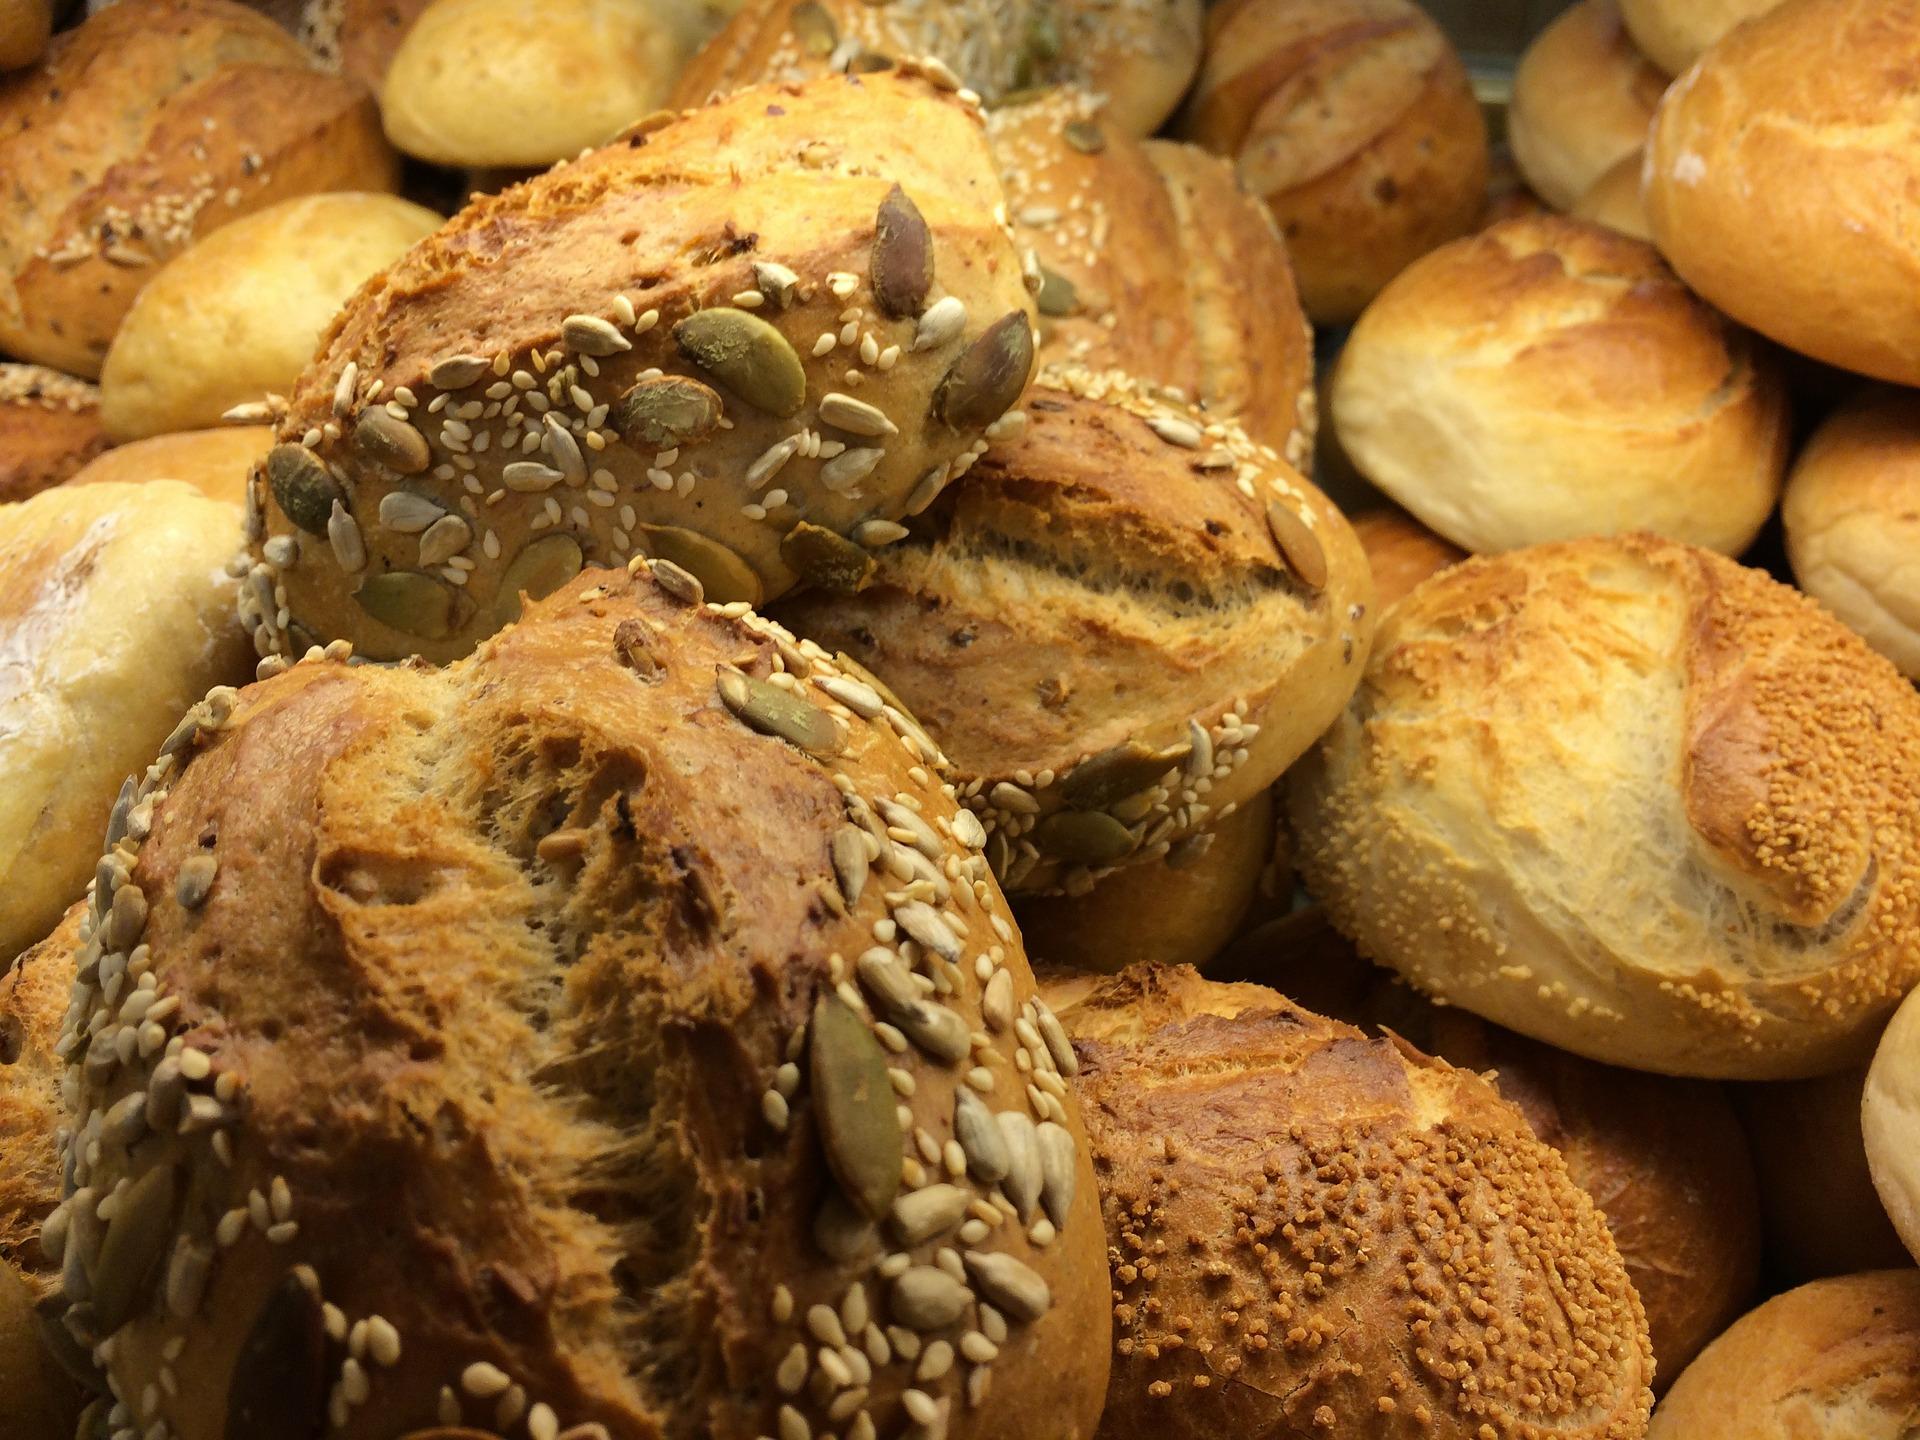 Speziell Brot und Gebäck wird sehr viel entsorgt und somit gerettet. - Photocredit: pixabay.com/juttazeisset